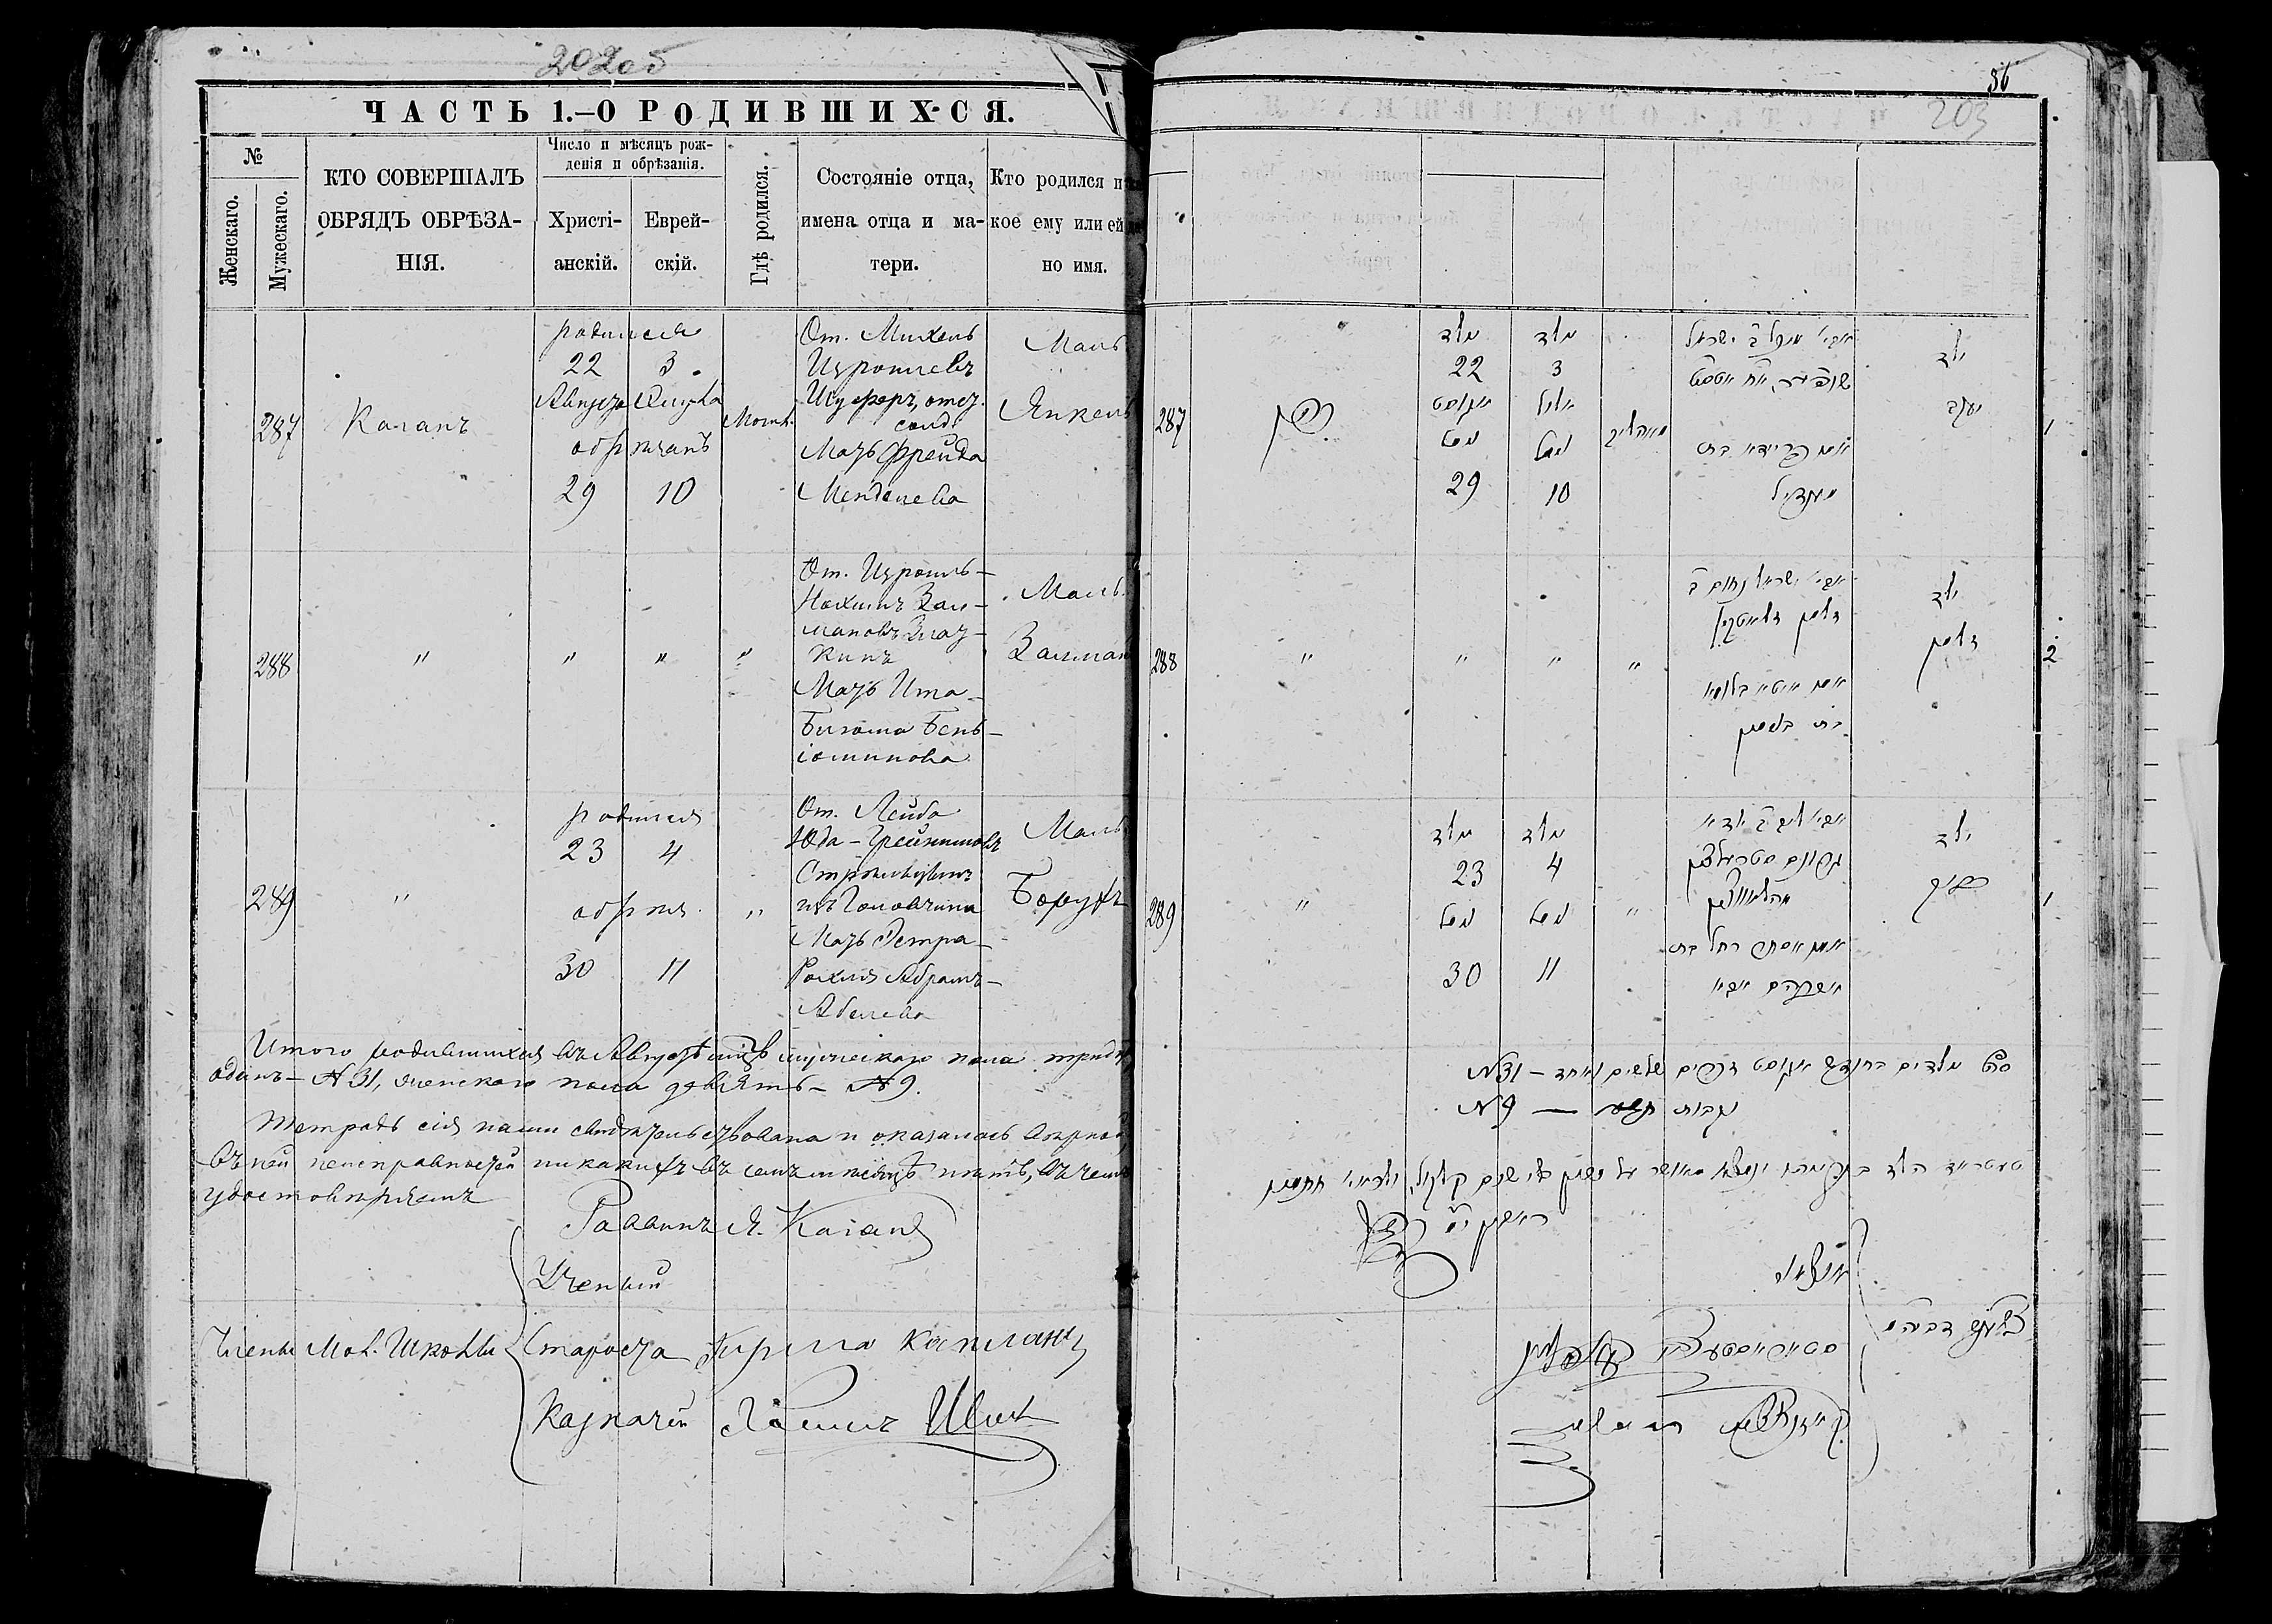 Борух Лейбович Стрельцын 23 августа 1886, запись 289, пленка 007766483, снимок 580